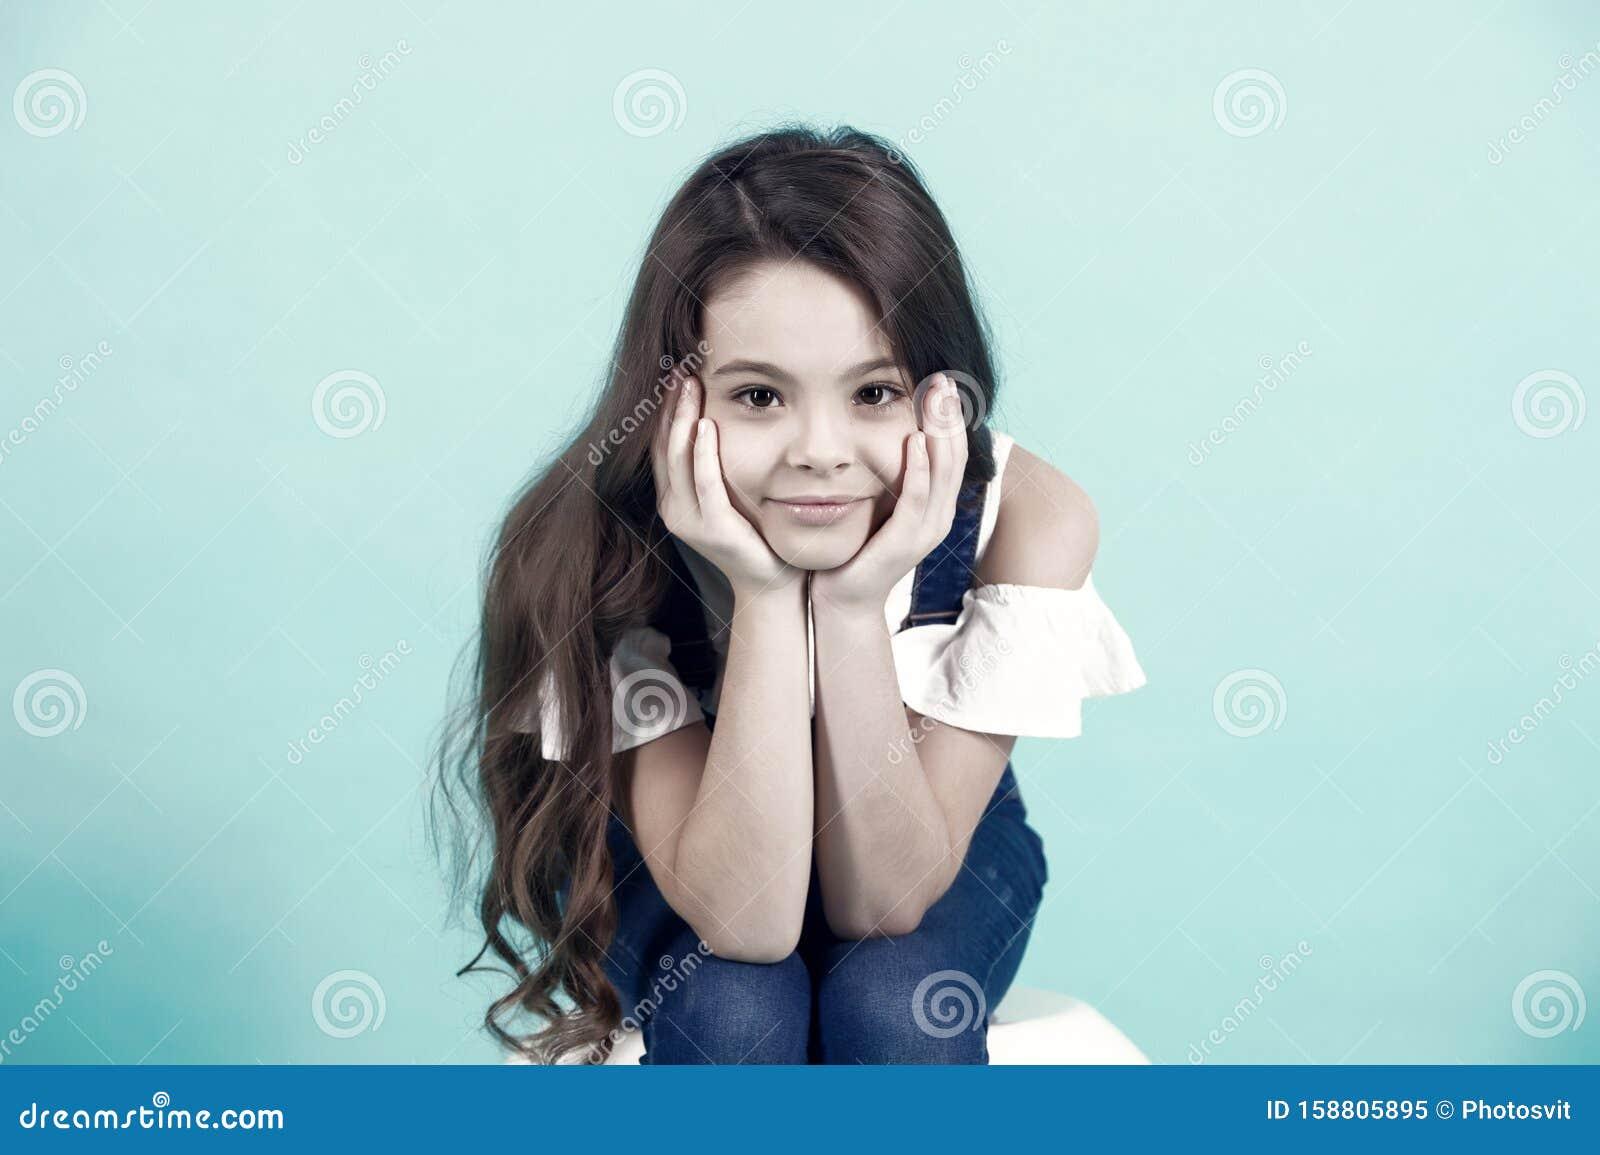 galerie girl mini modell foto pre teen